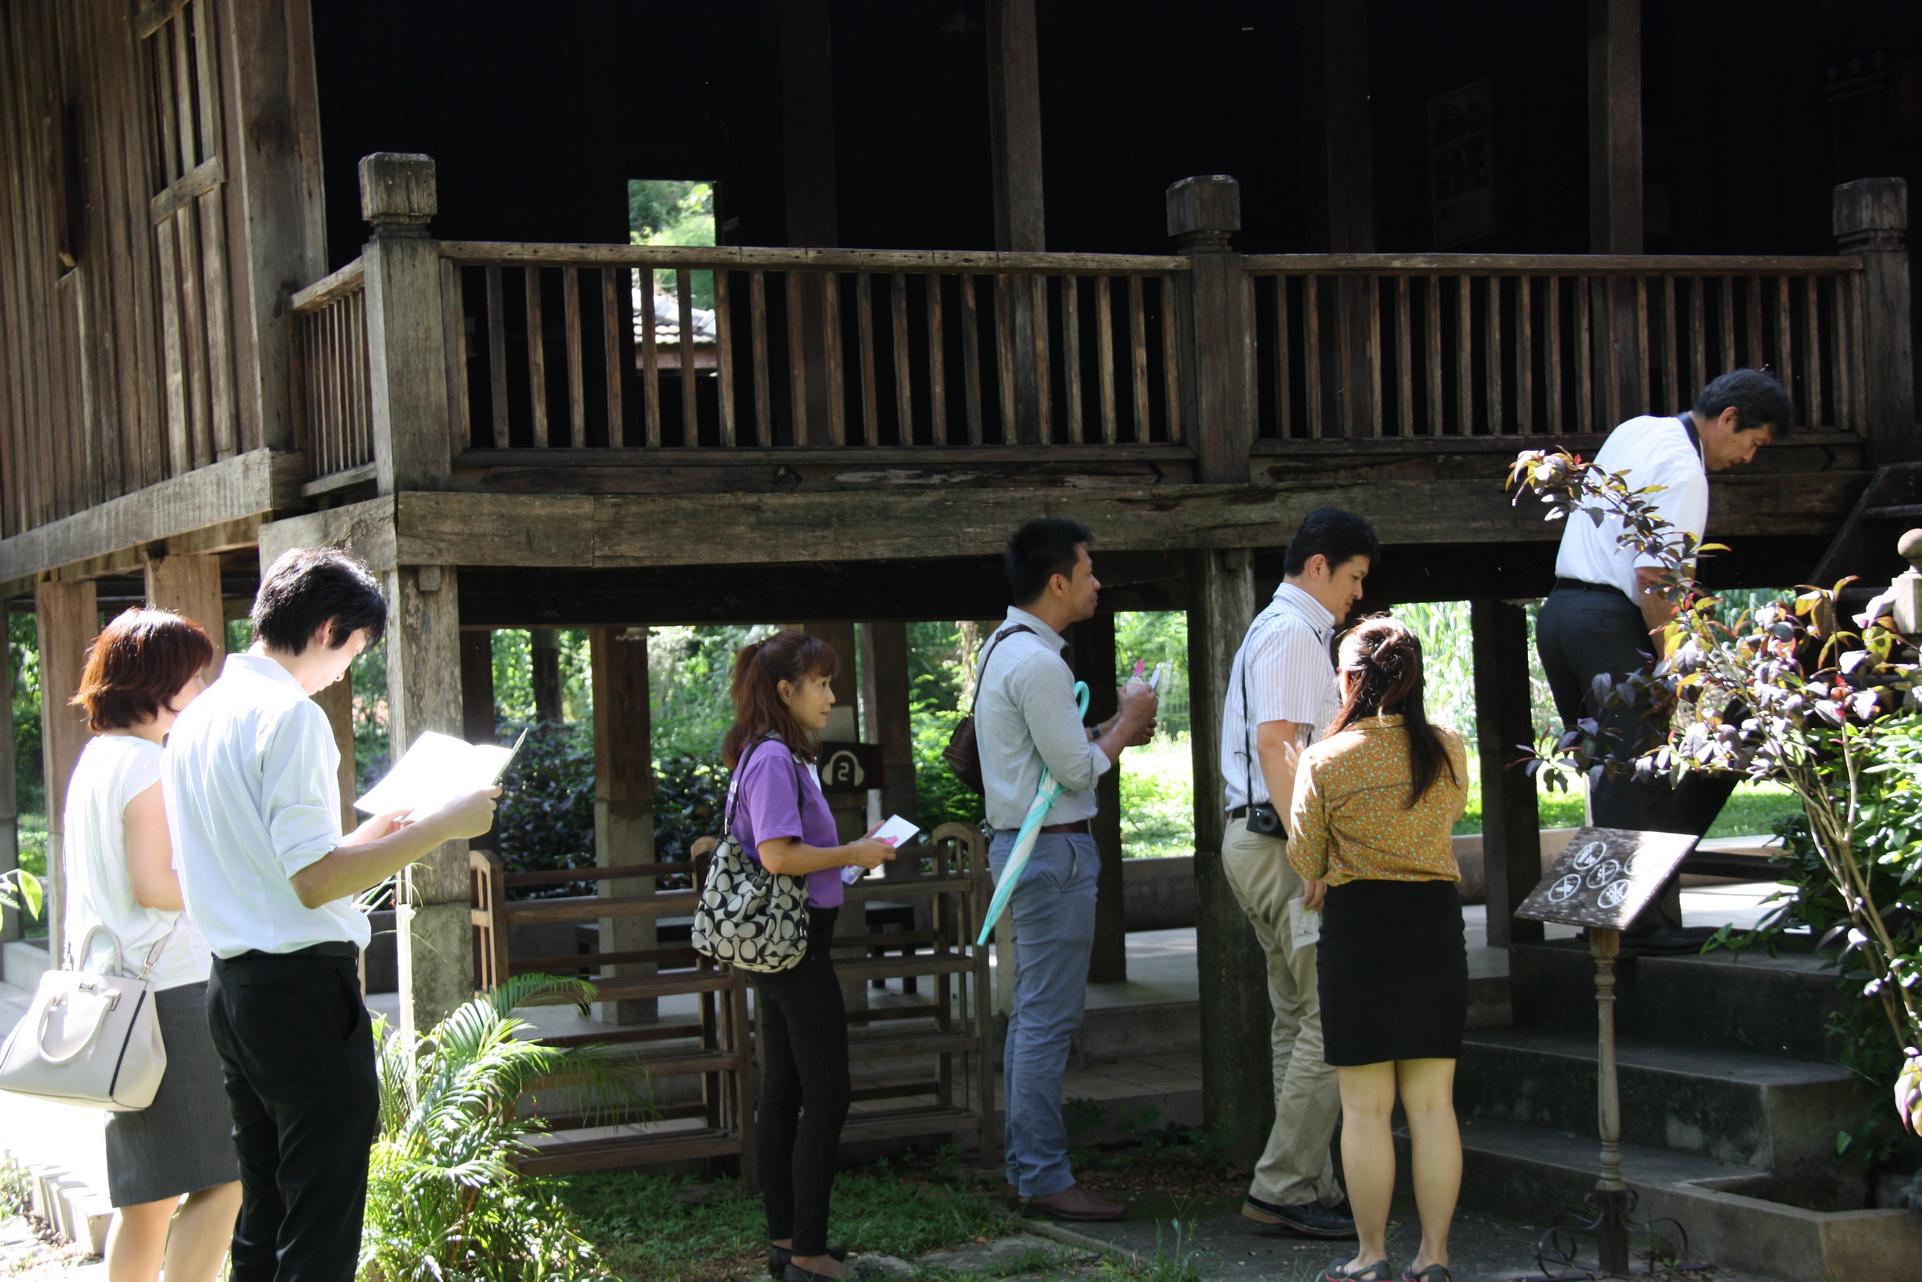 ให้การต้อนรับอาคันตุกะจาก Faculty of Agriculture Yamagata University